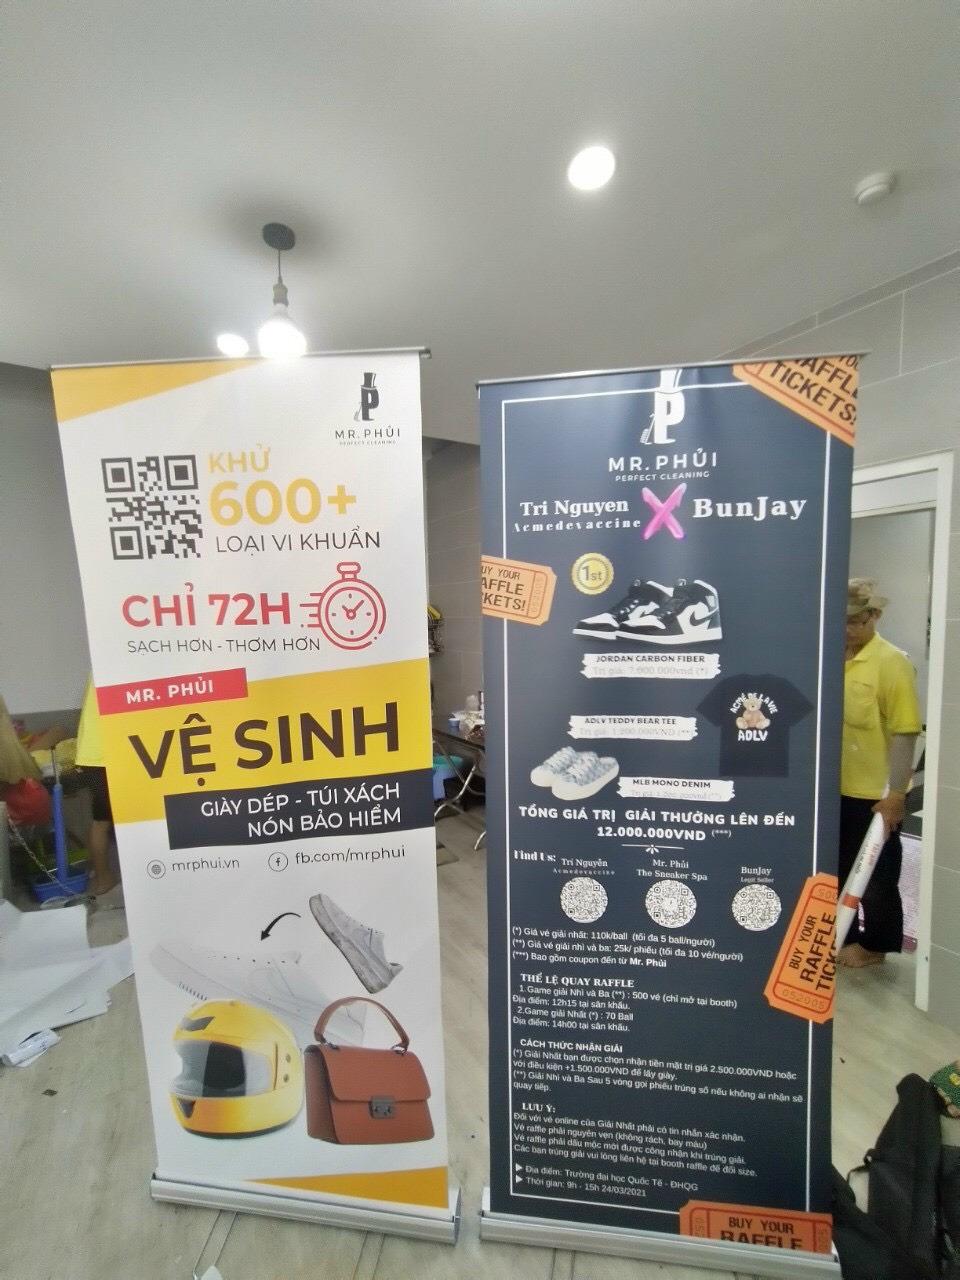 Poster quảng cáo cafe, poster quảng cáo đồ ăn, poster quảng cáo điện thoại, làm poster quảng cáo, poster quảng cáo giày, poster quảng cáo hải sản